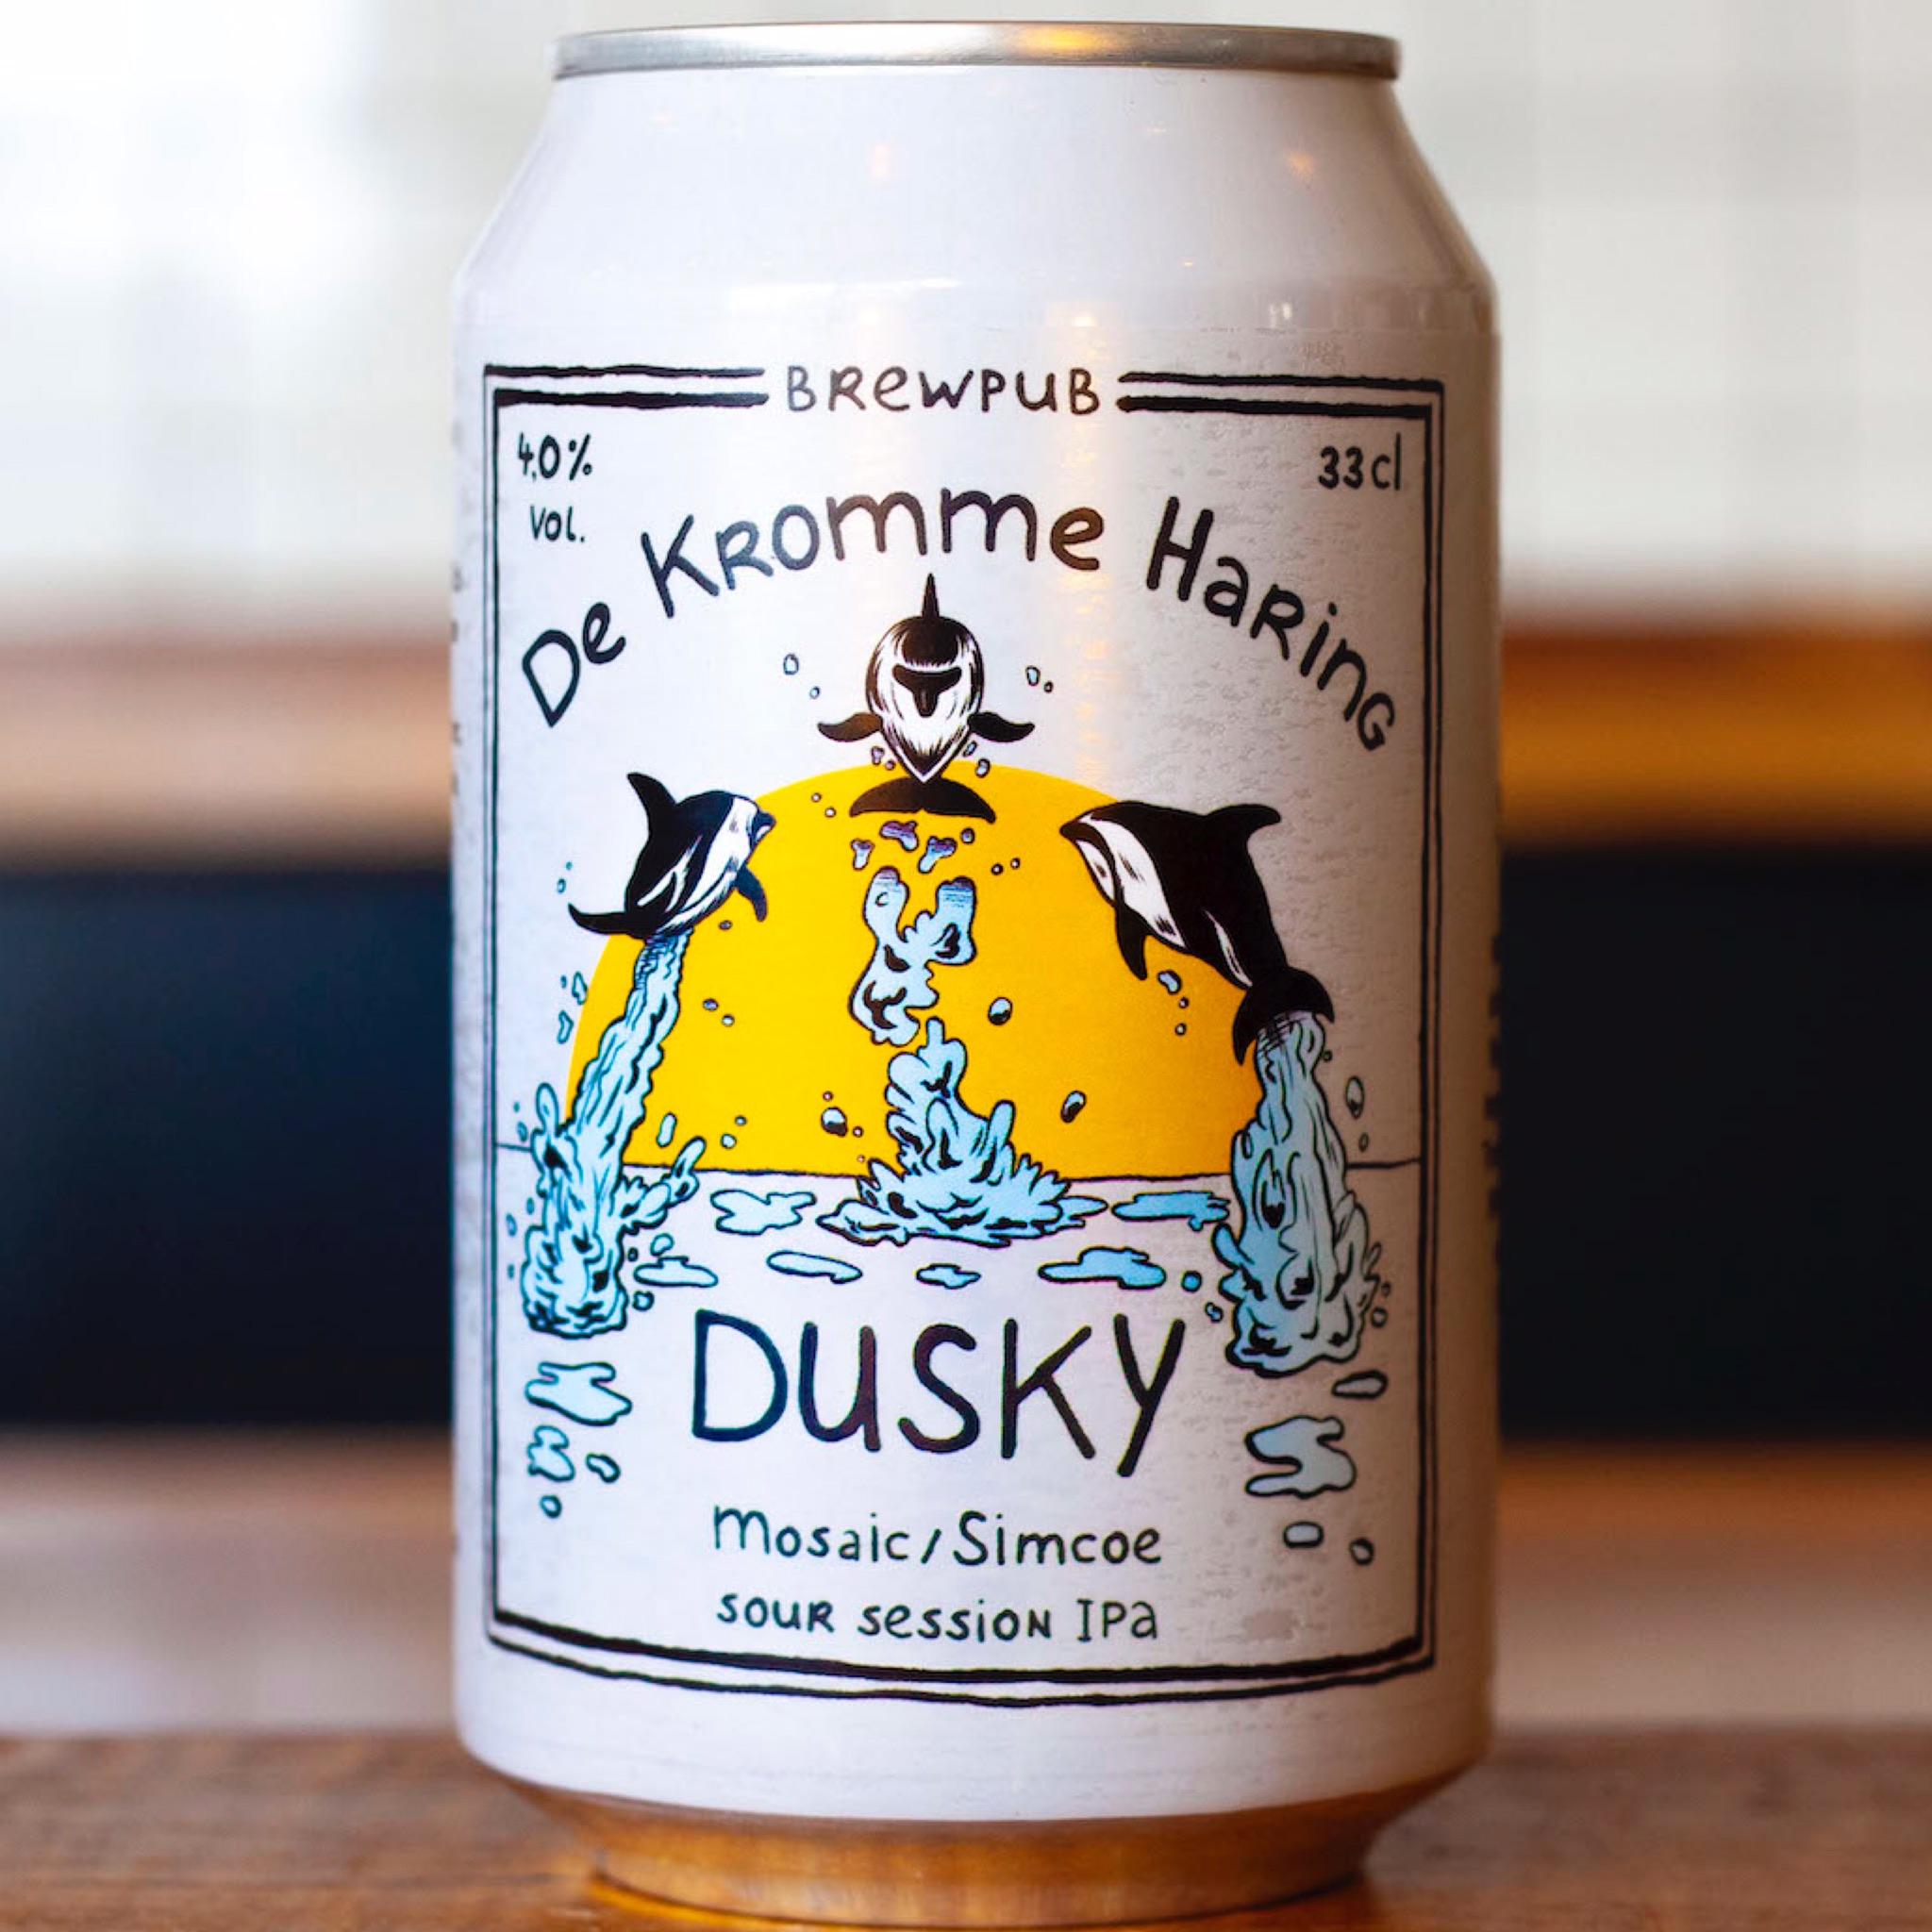 Dusky Mosaic-Simcoe Sour Session IPA 4% 330ml De Kromme Haring